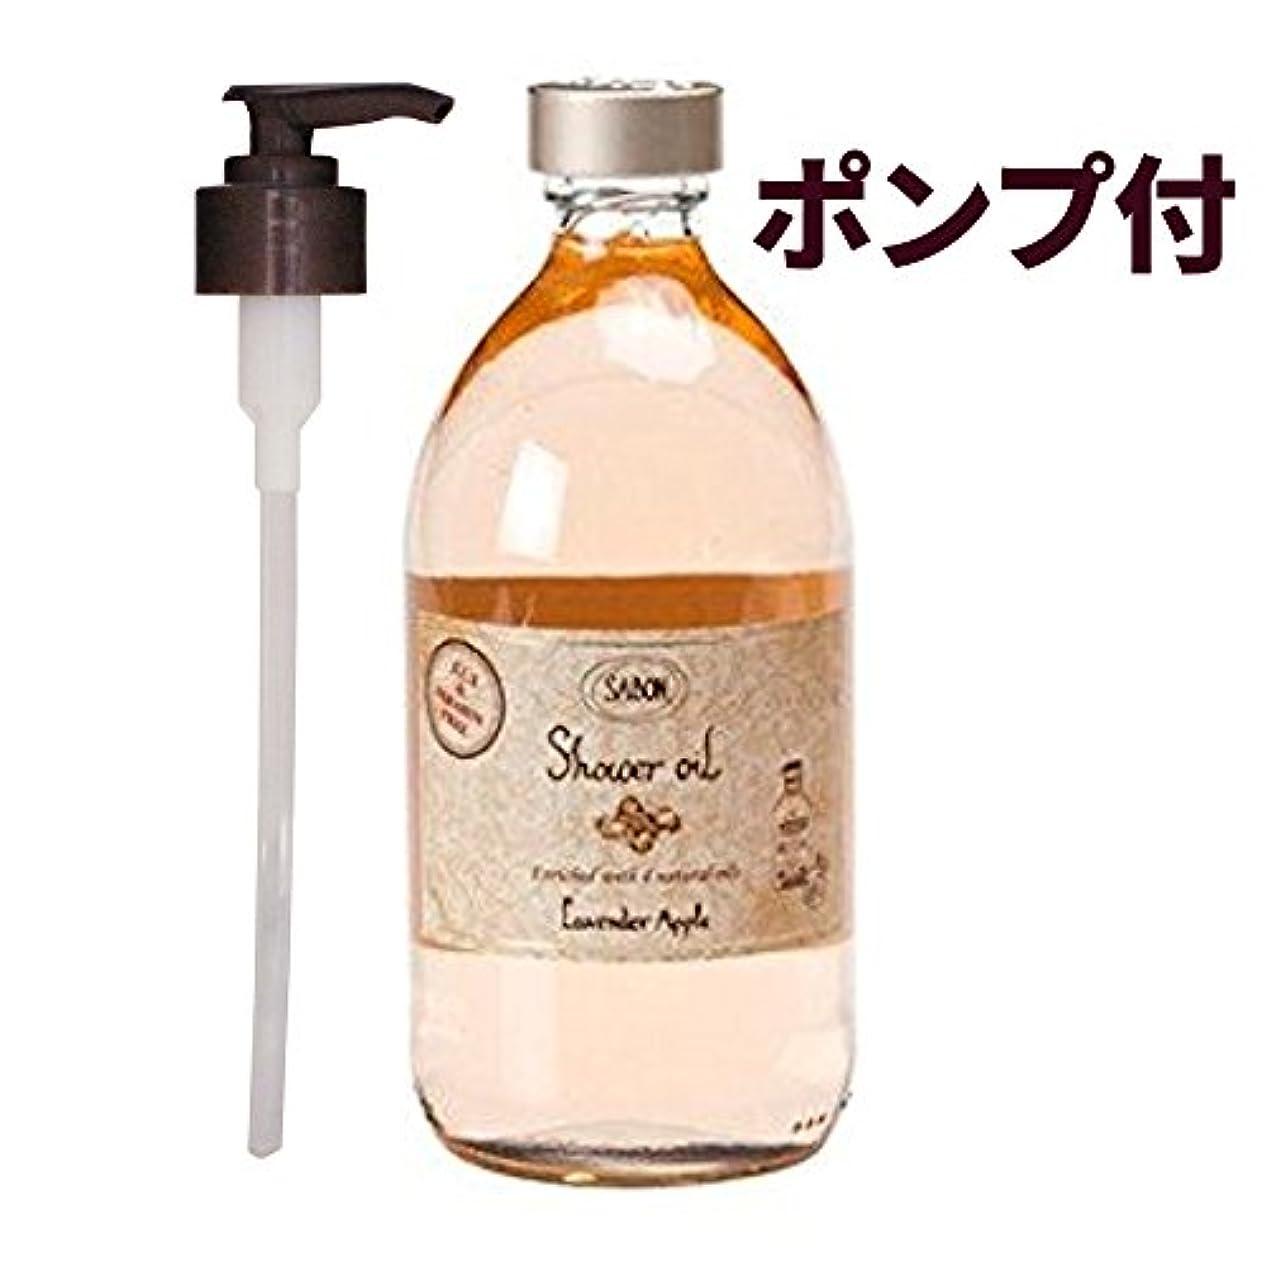 蒸発反逆者地味なサボン-SABON- ボディソープ シャワーオイルラベンダーアップル 500ml LavenderApple :宅急便対応  ポンプ付 [並行輸入品]